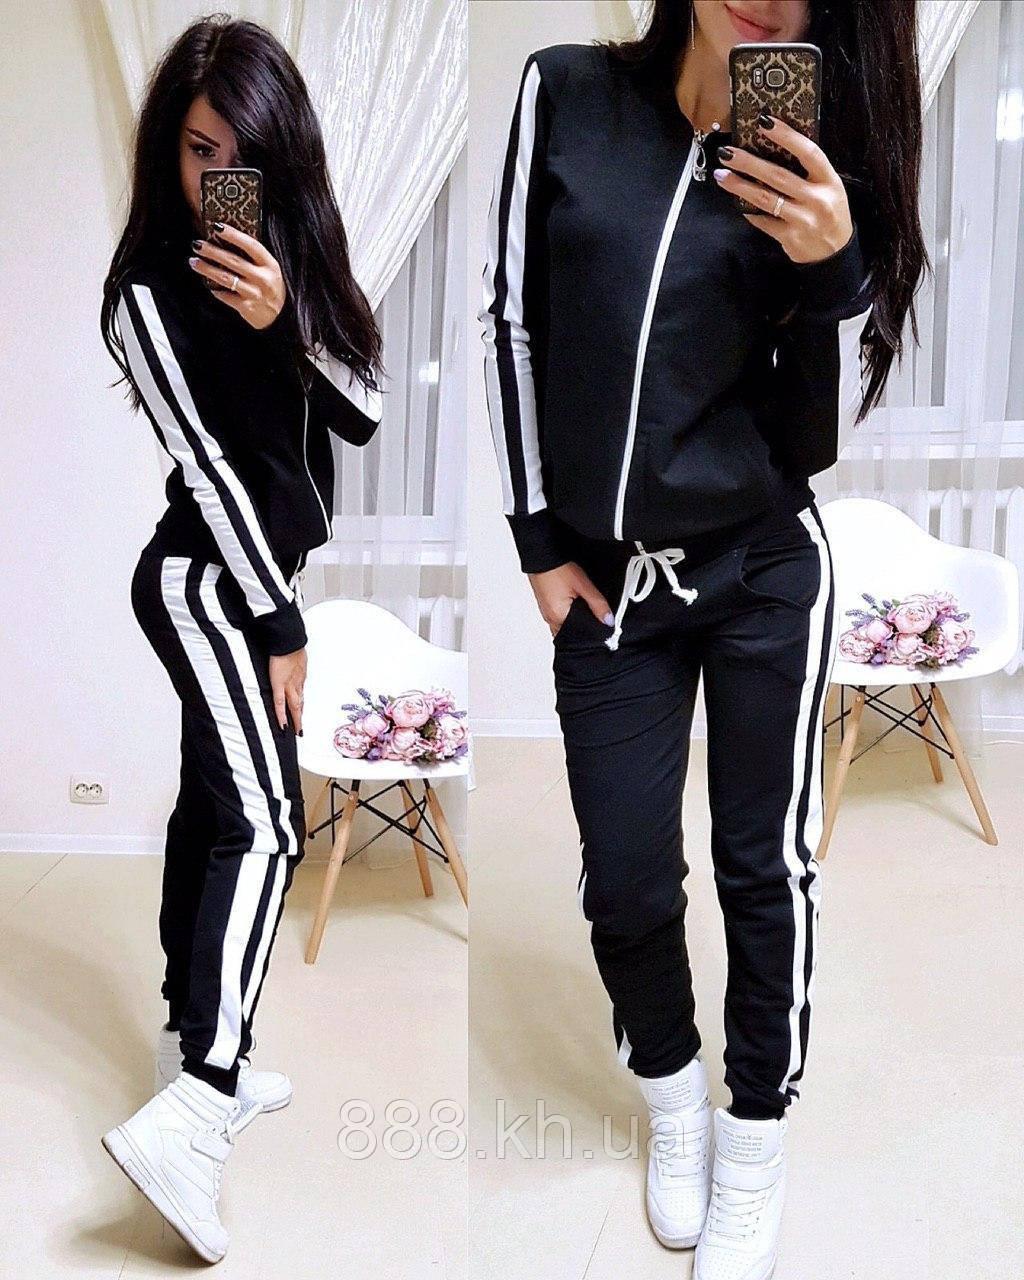 Женский спортивный костюм с лампасом, большие размеры, S/M/L/XL//2XL/3XL/4XL (черный)